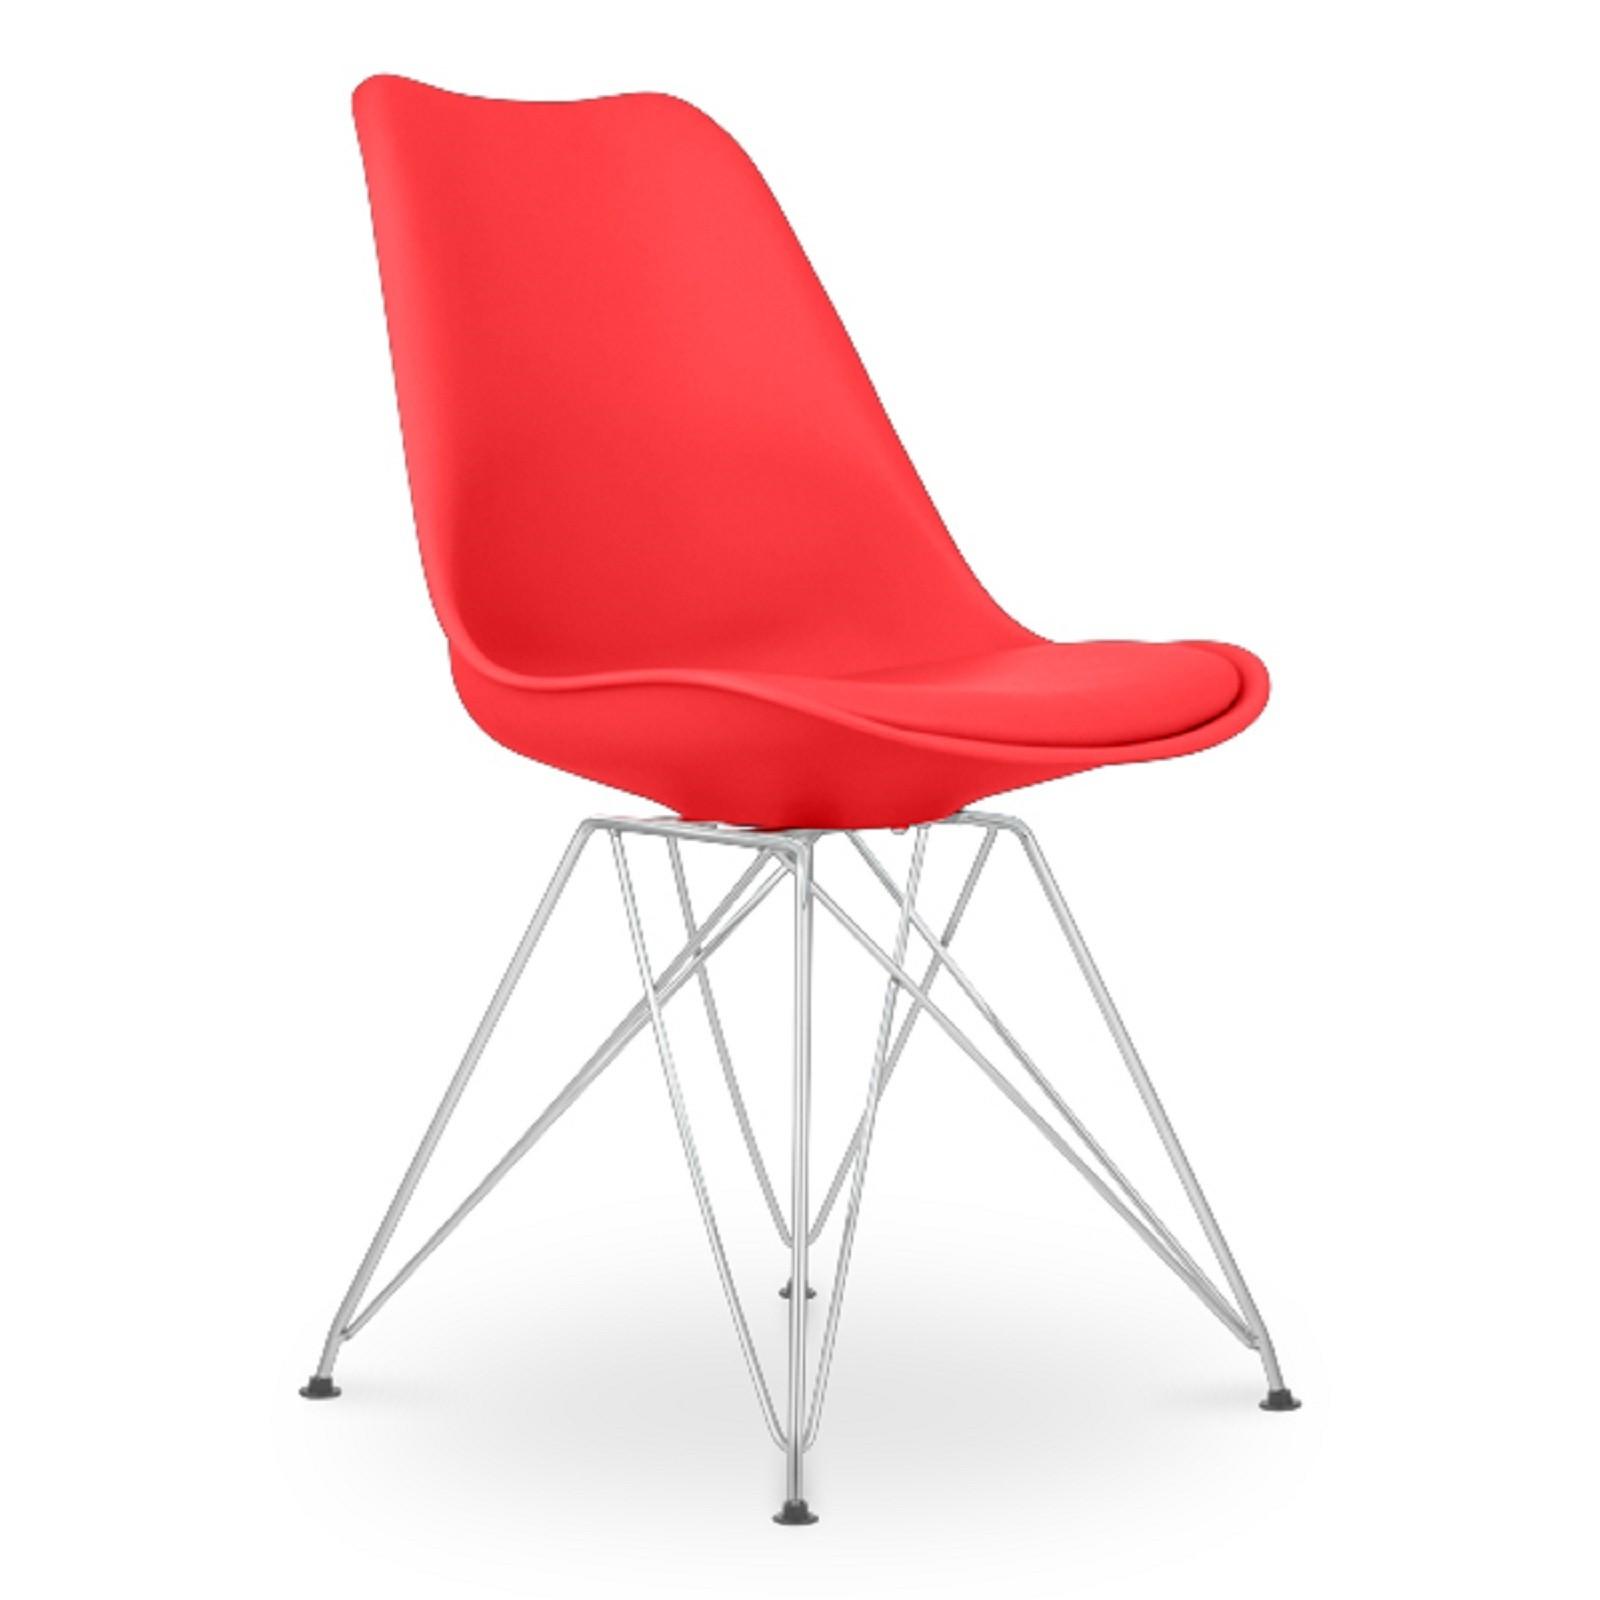 chaise plastique mat avec coussin simili rouge diana lot de 2. Black Bedroom Furniture Sets. Home Design Ideas